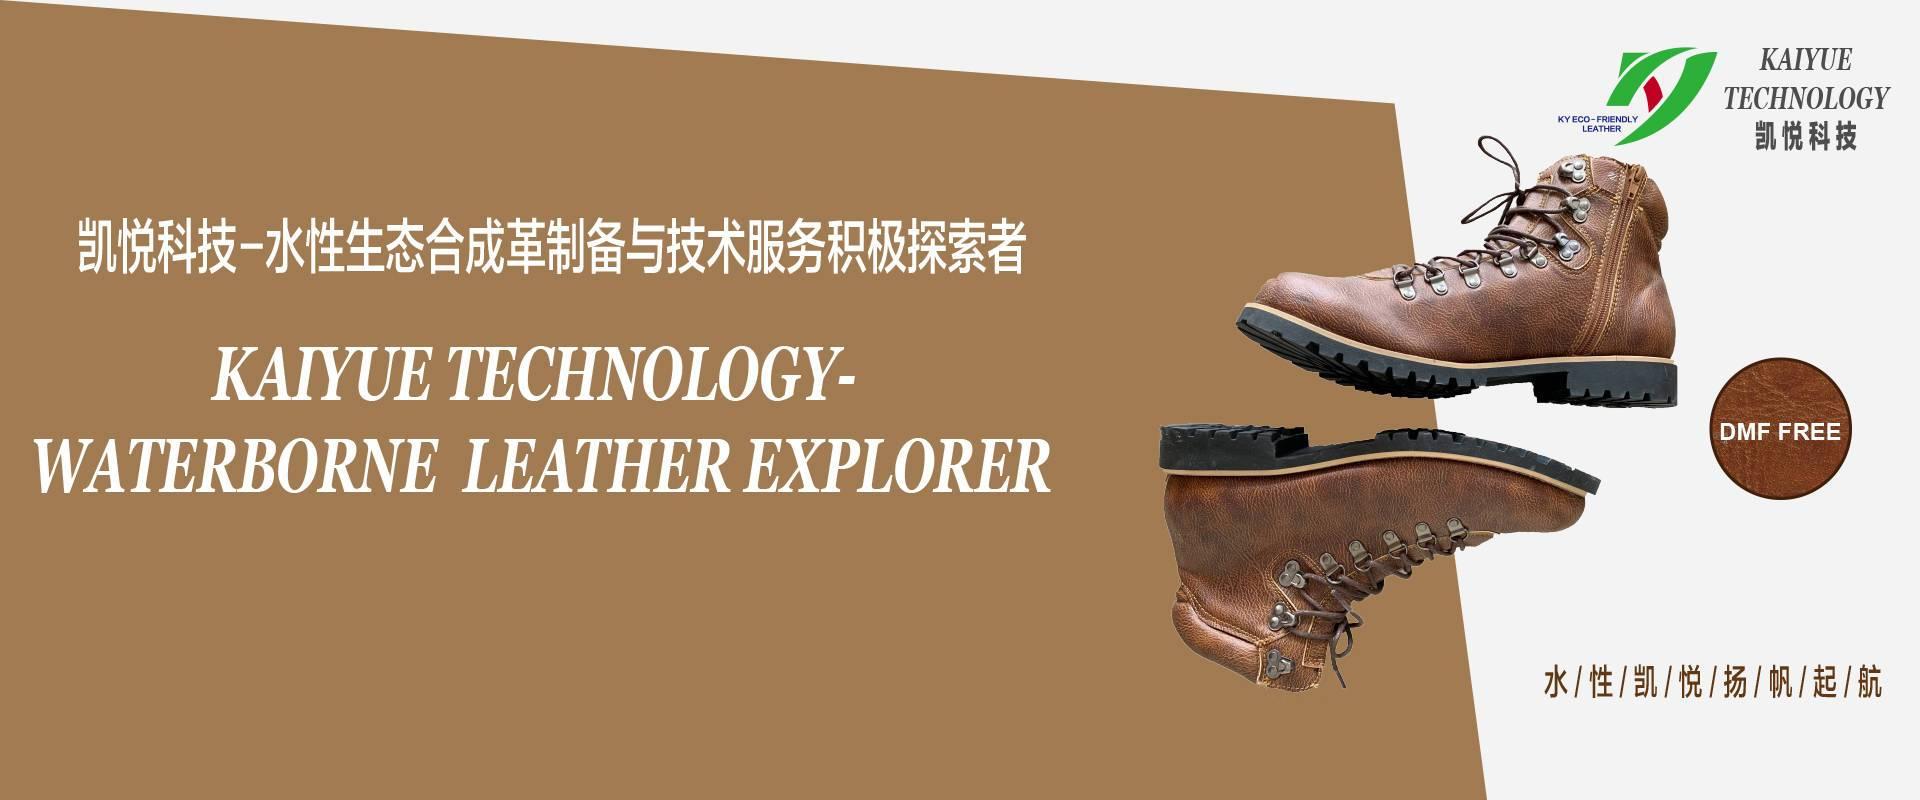 淮安凯悦科技水性超纤合成革产品